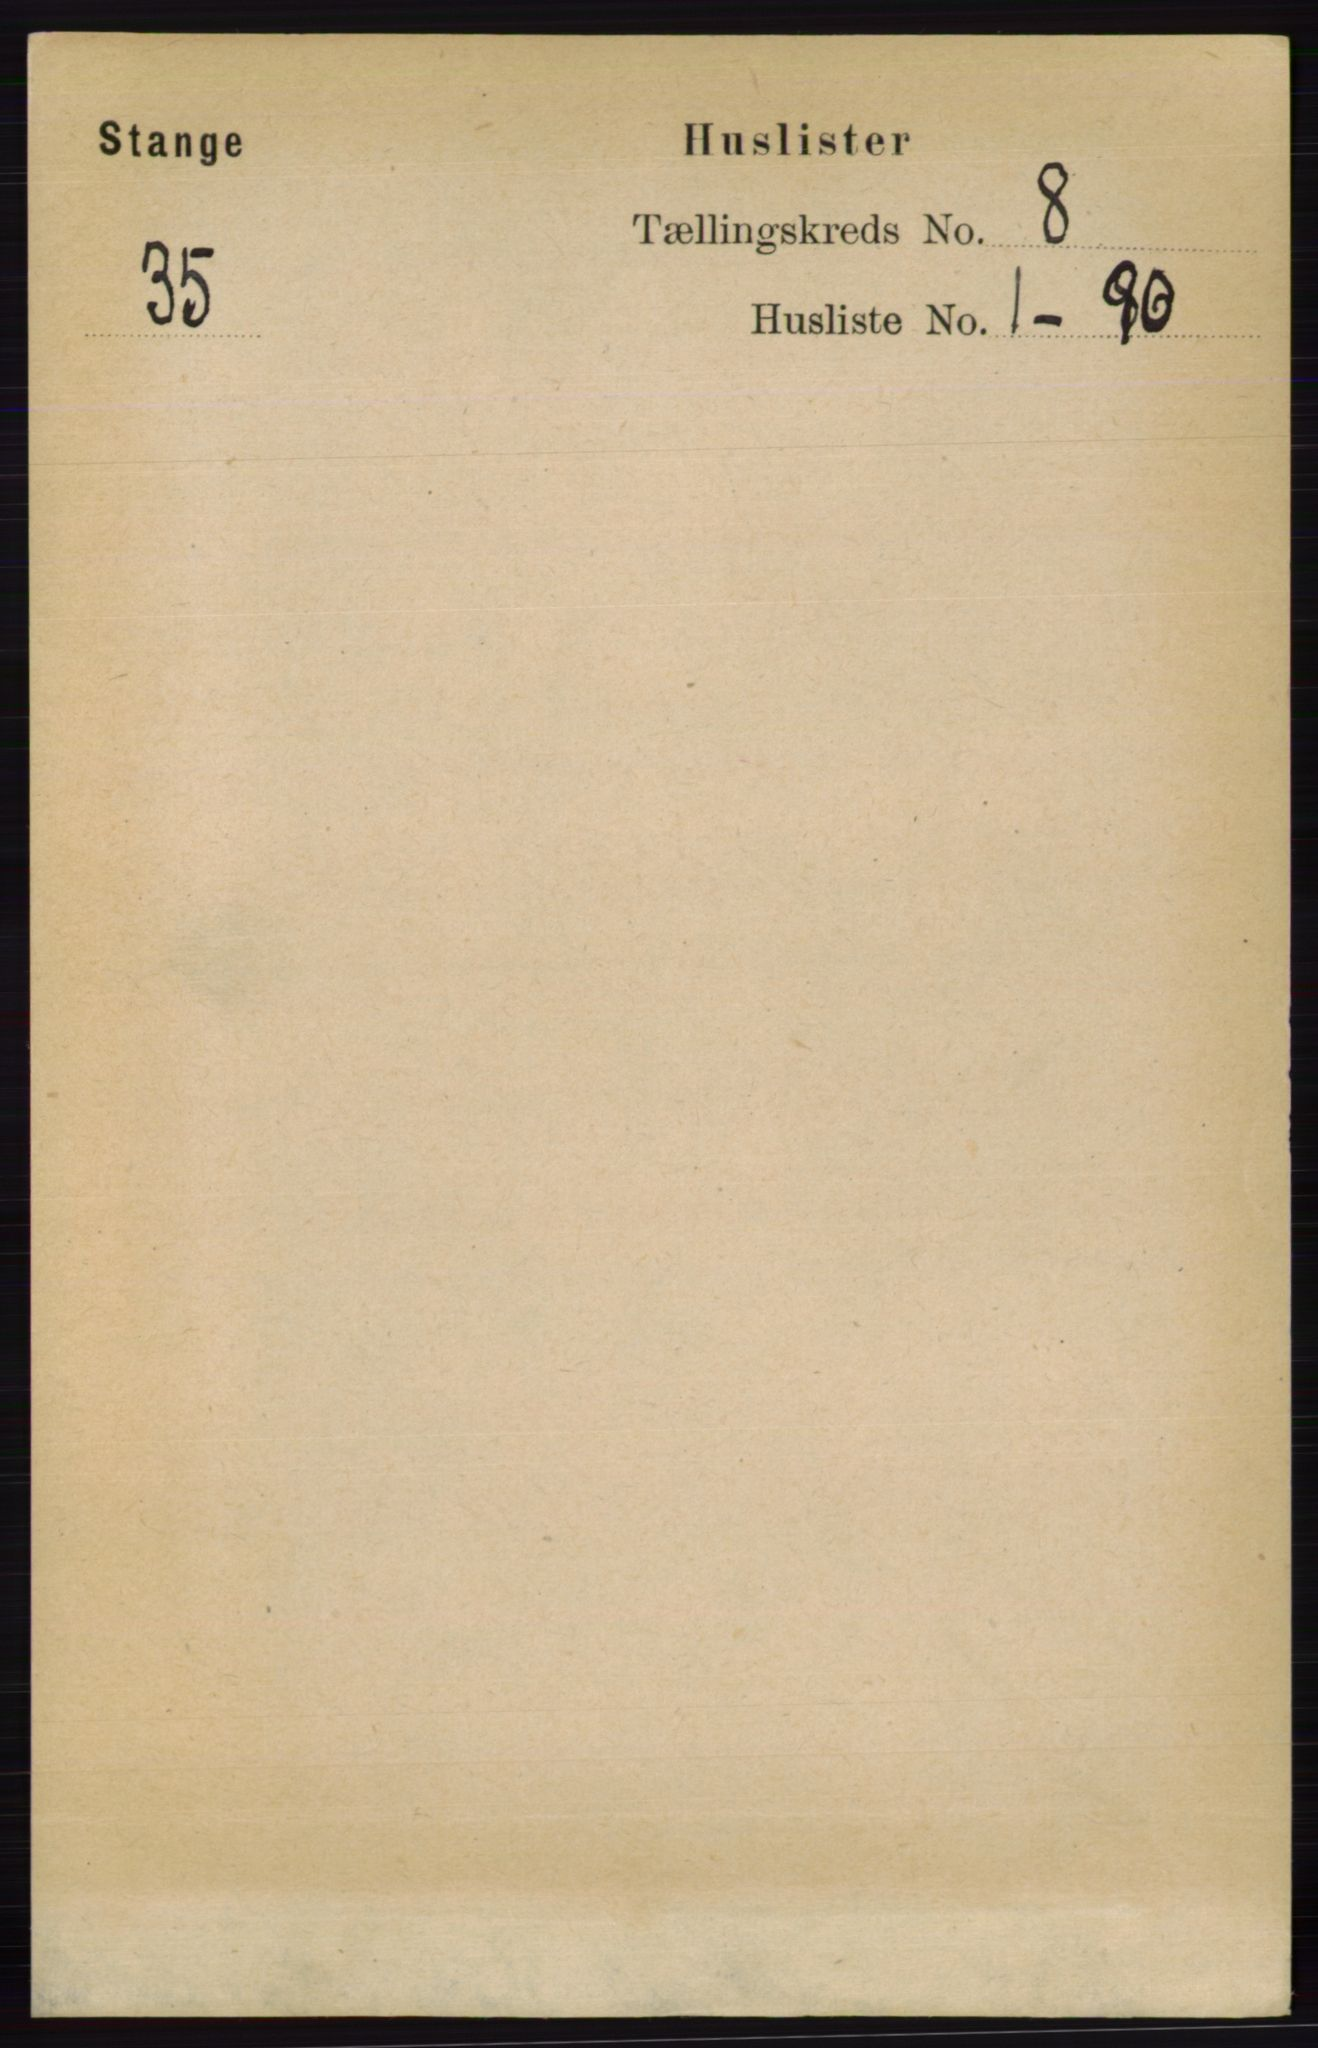 RA, Folketelling 1891 for 0417 Stange herred, 1891, s. 5242